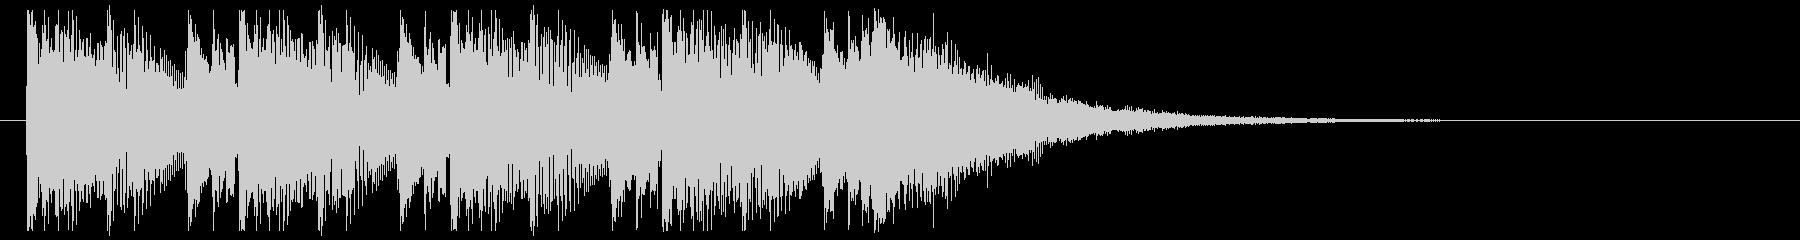 ダークな インダストリアルなサウンロゴの未再生の波形